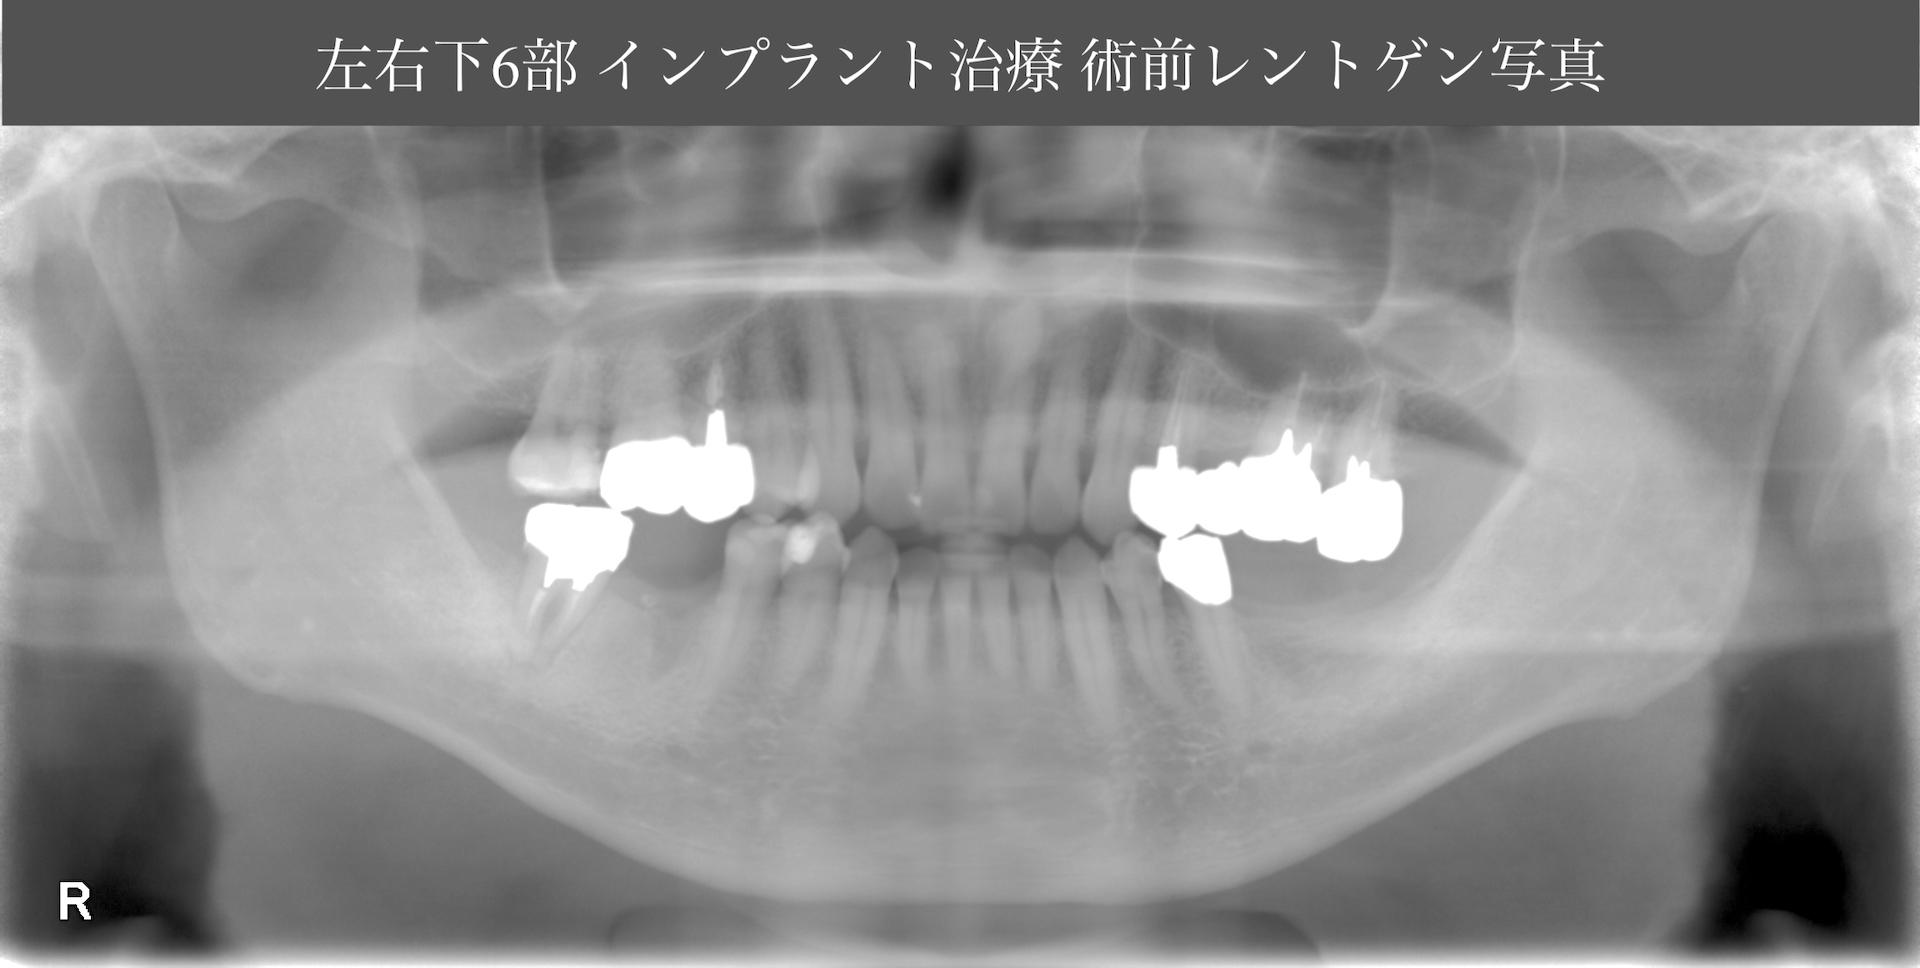 あかなべ歯科_左右下6インプラント埋入_20200425_術前レントゲン写真